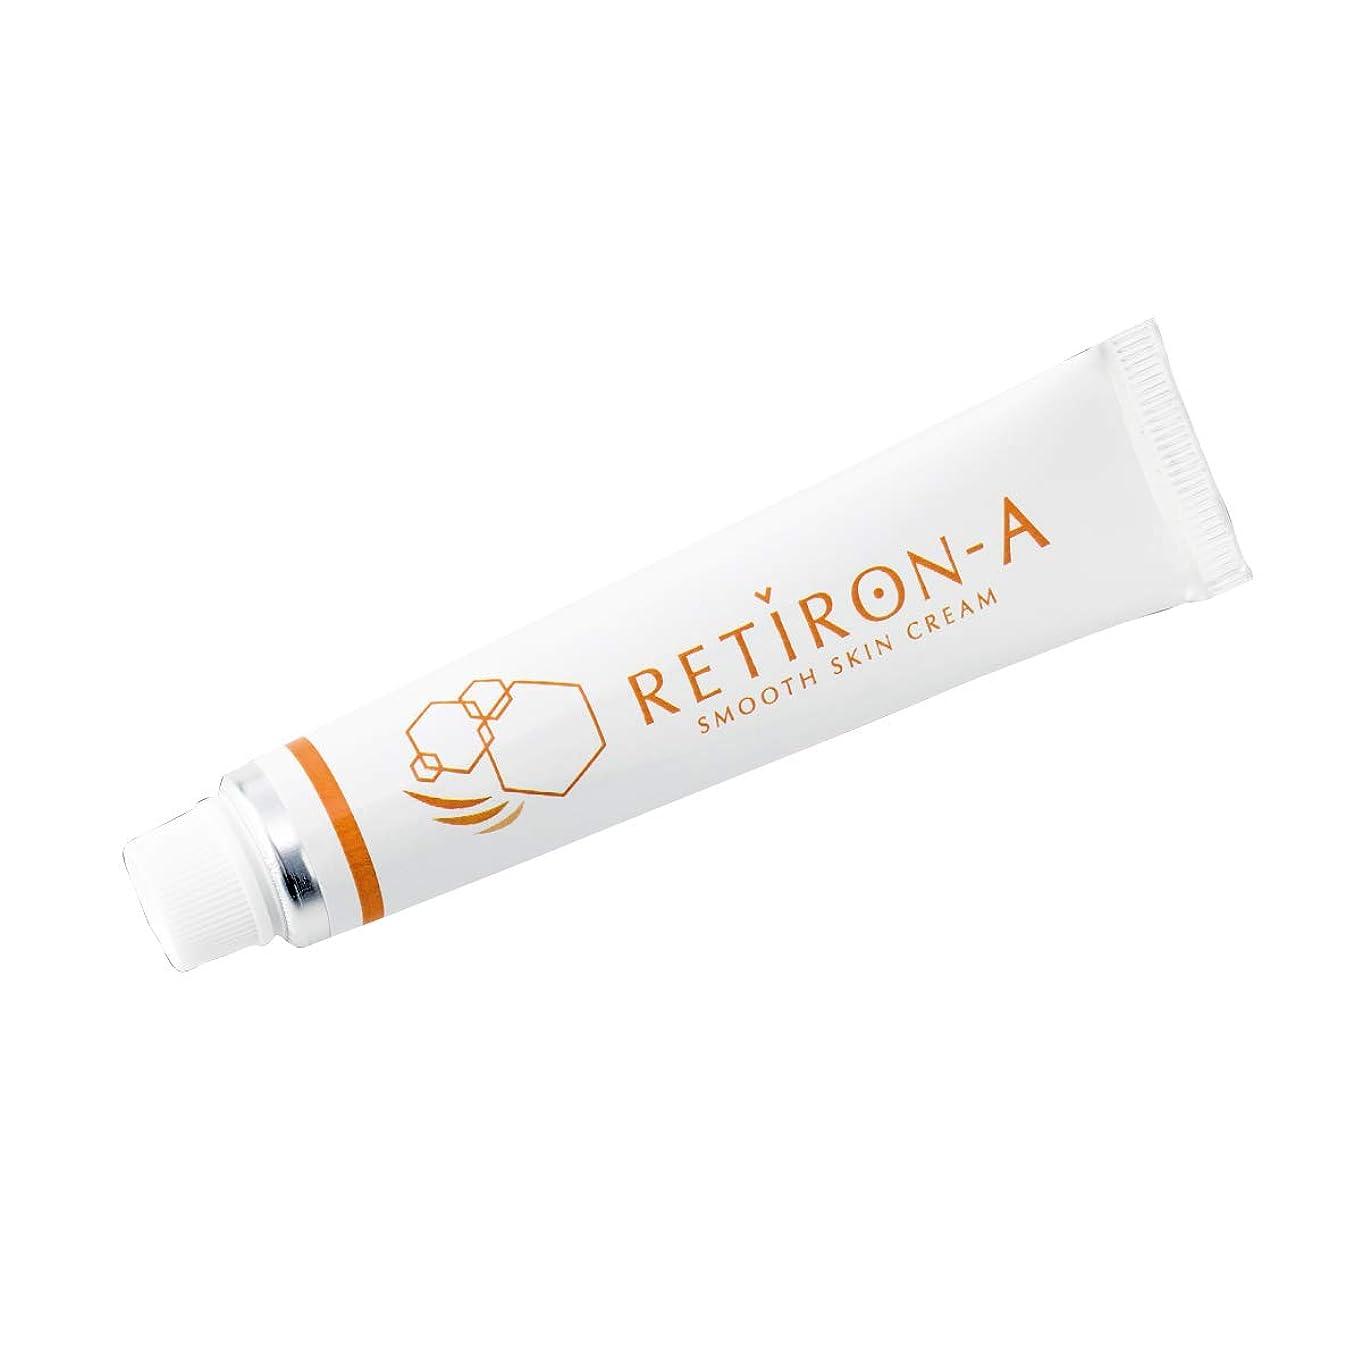 パーティションマザーランド扱いやすいクリーム 化粧品 レチノール配合 レチロンA パラベンフリー